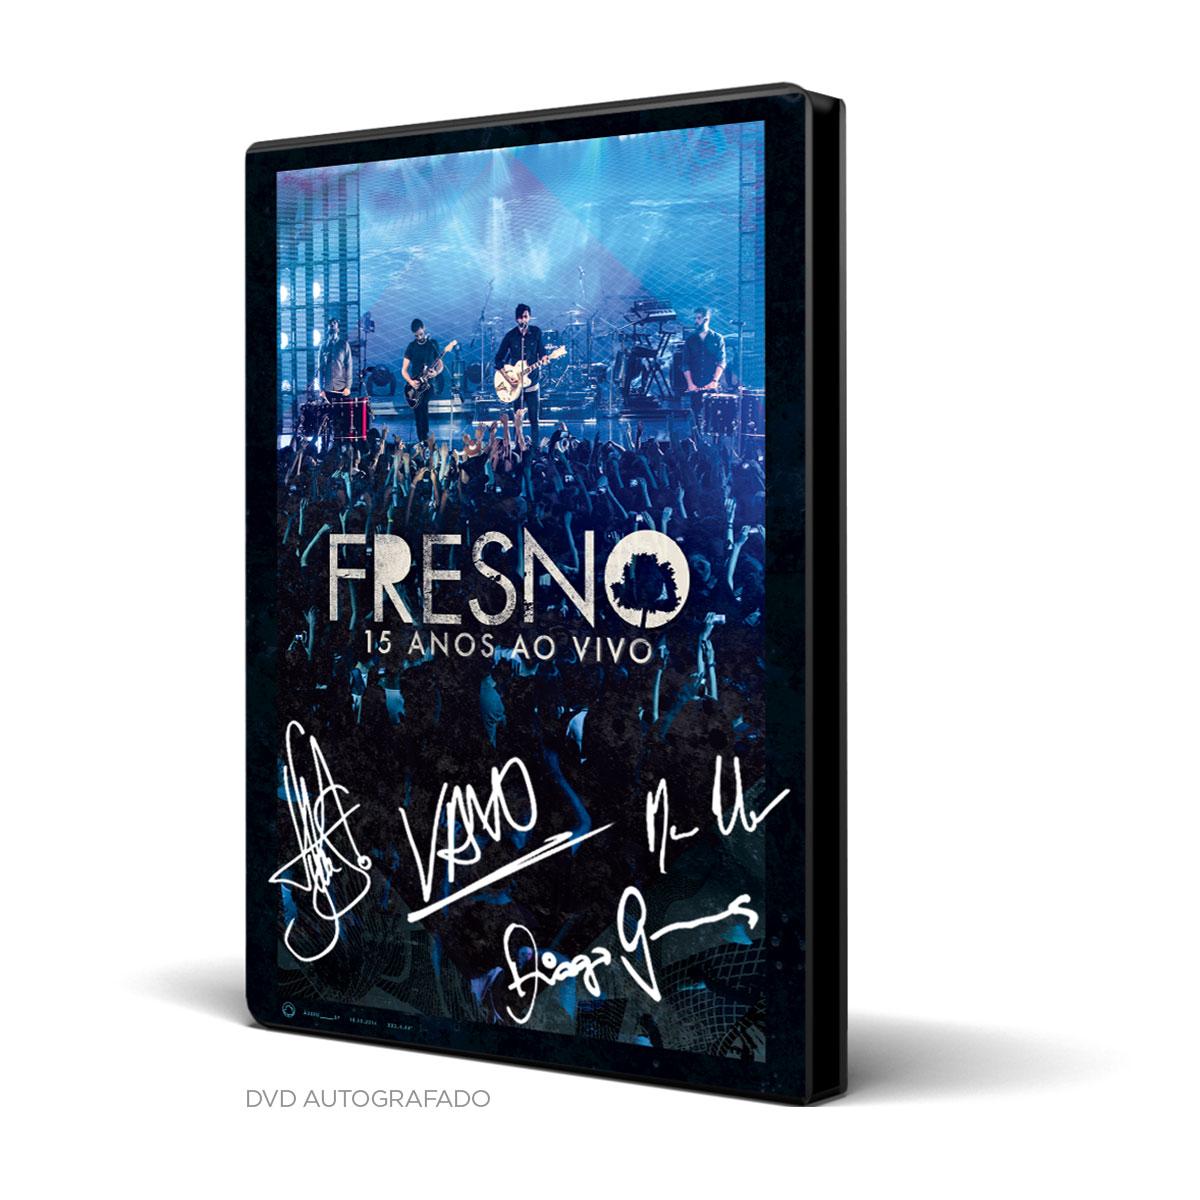 Combo Premium DVD Fresno 15 Anos ao Vivo + Regata